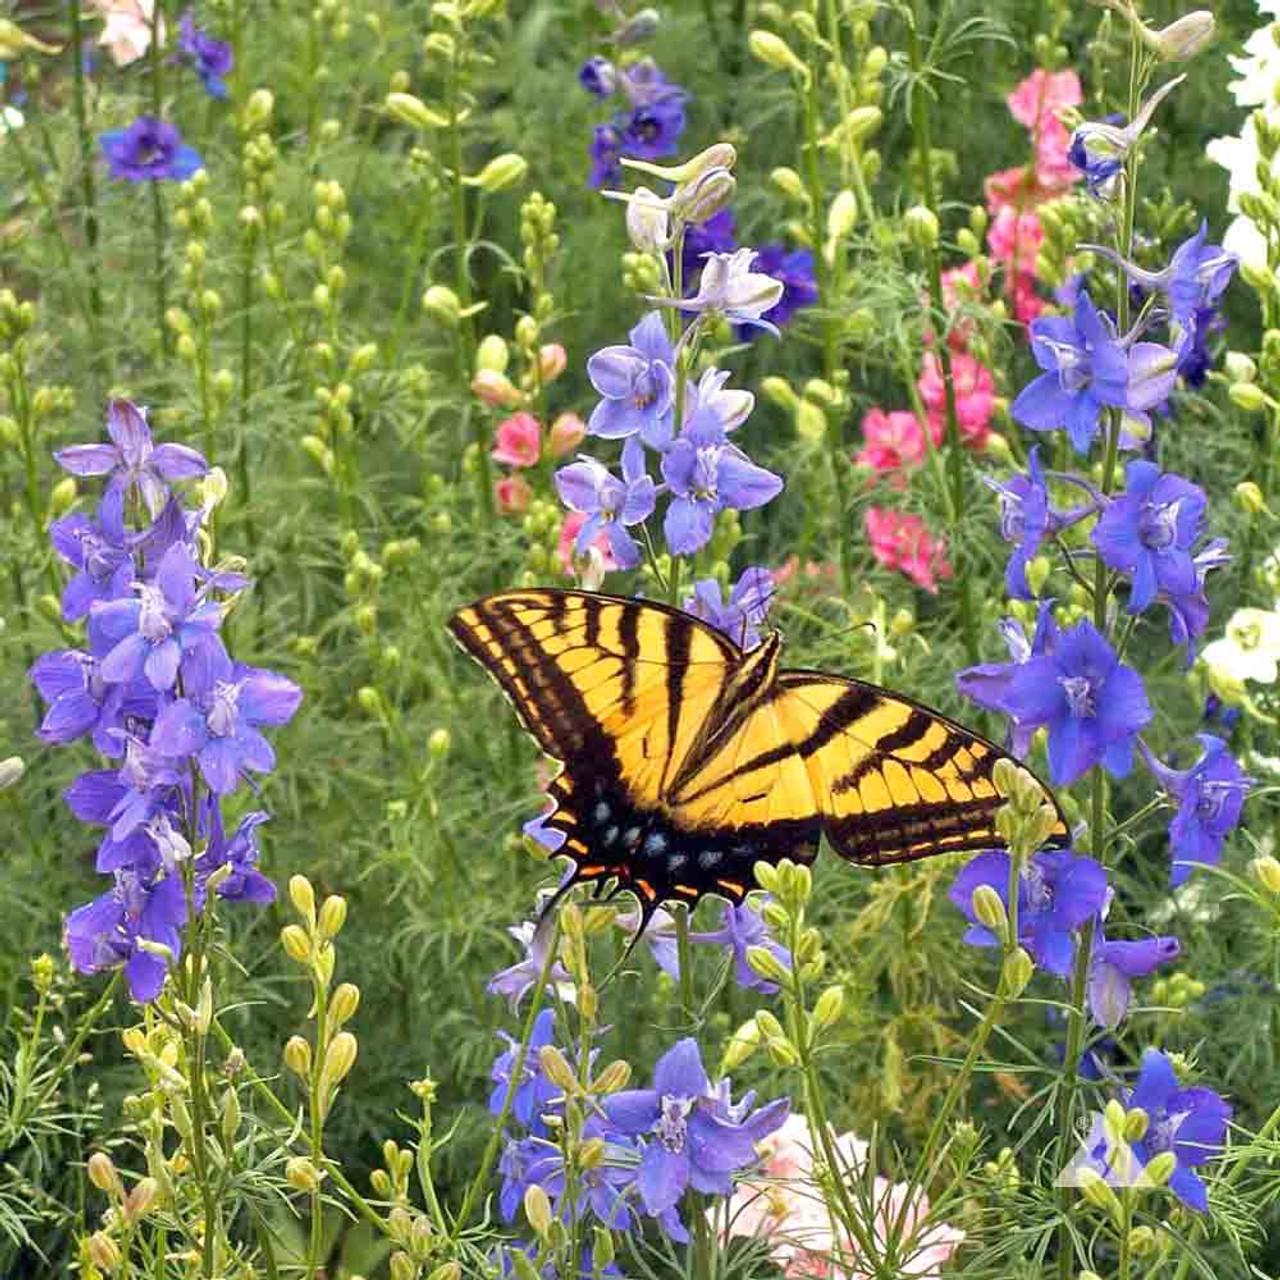 Hummingbird Butterfly Mix Seeds Terroir Seeds